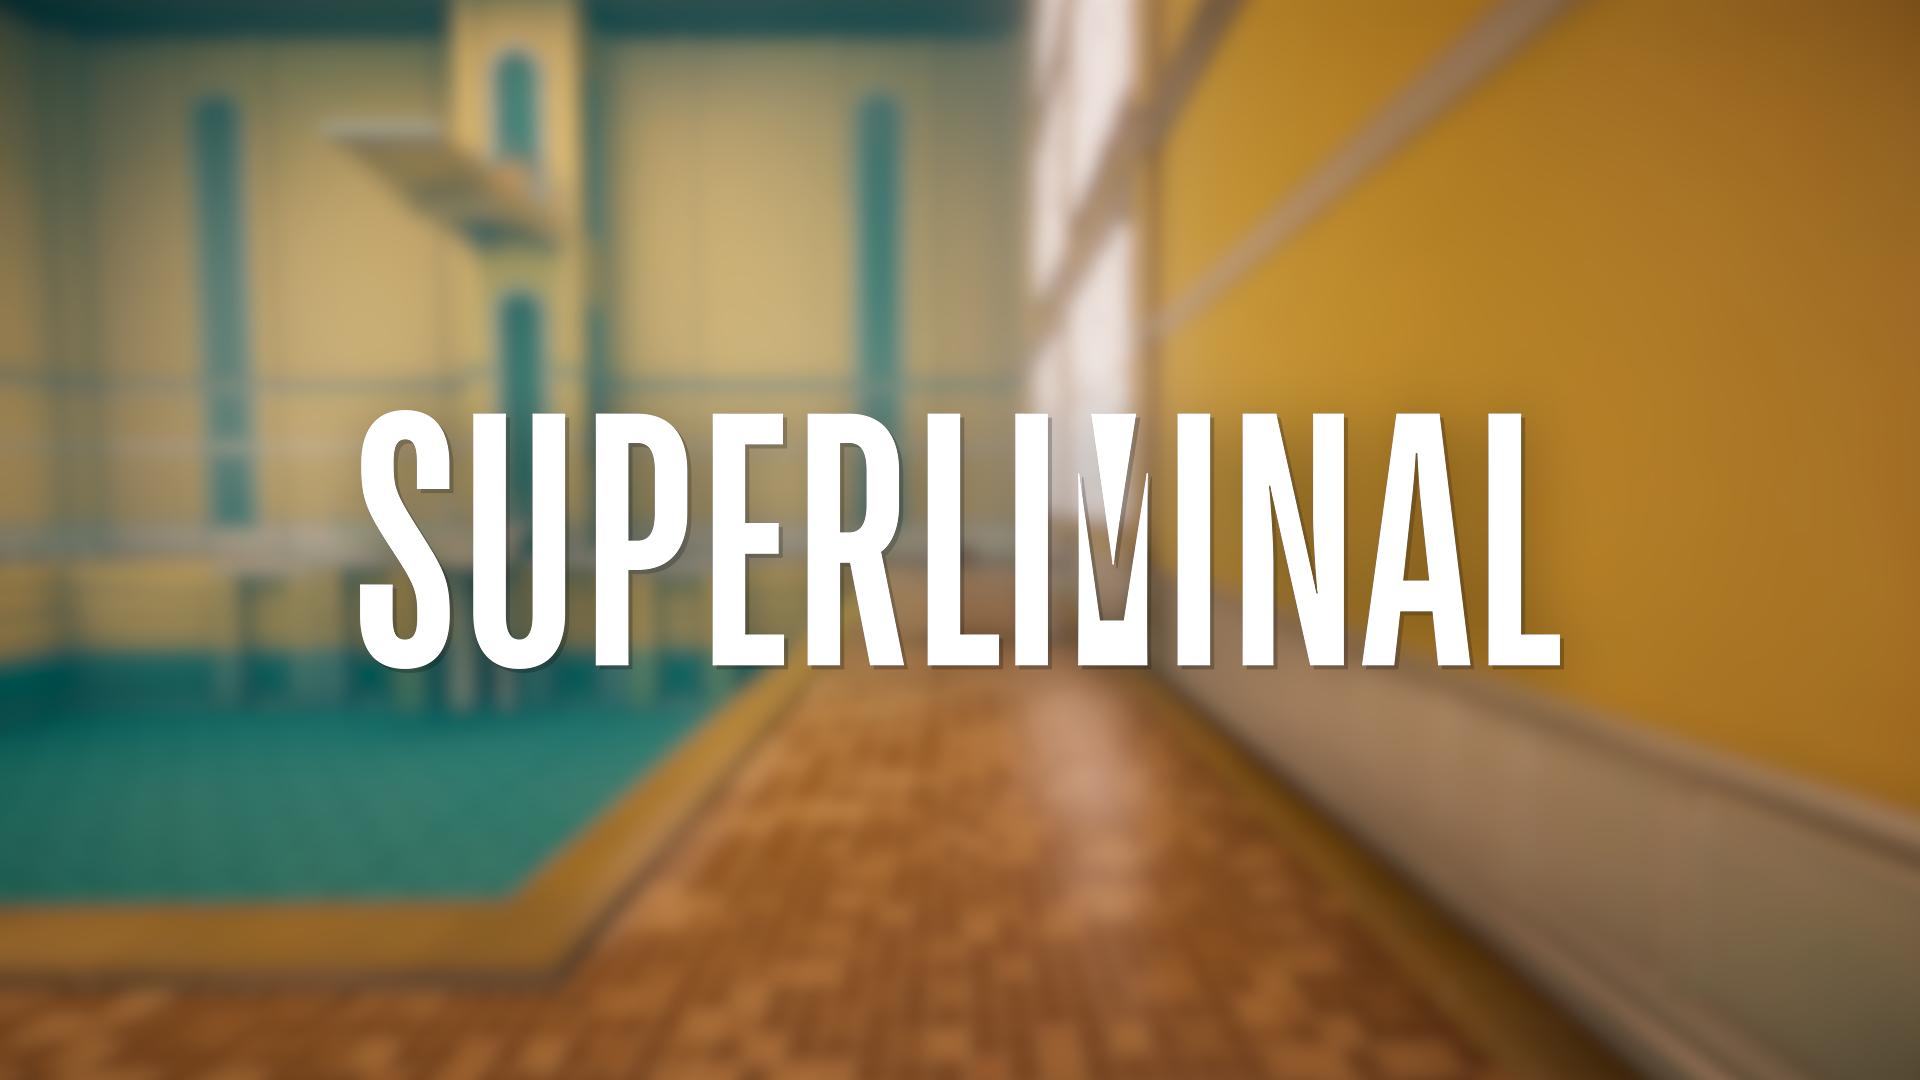 Необычная головоломка Superliminal вышла на консолях